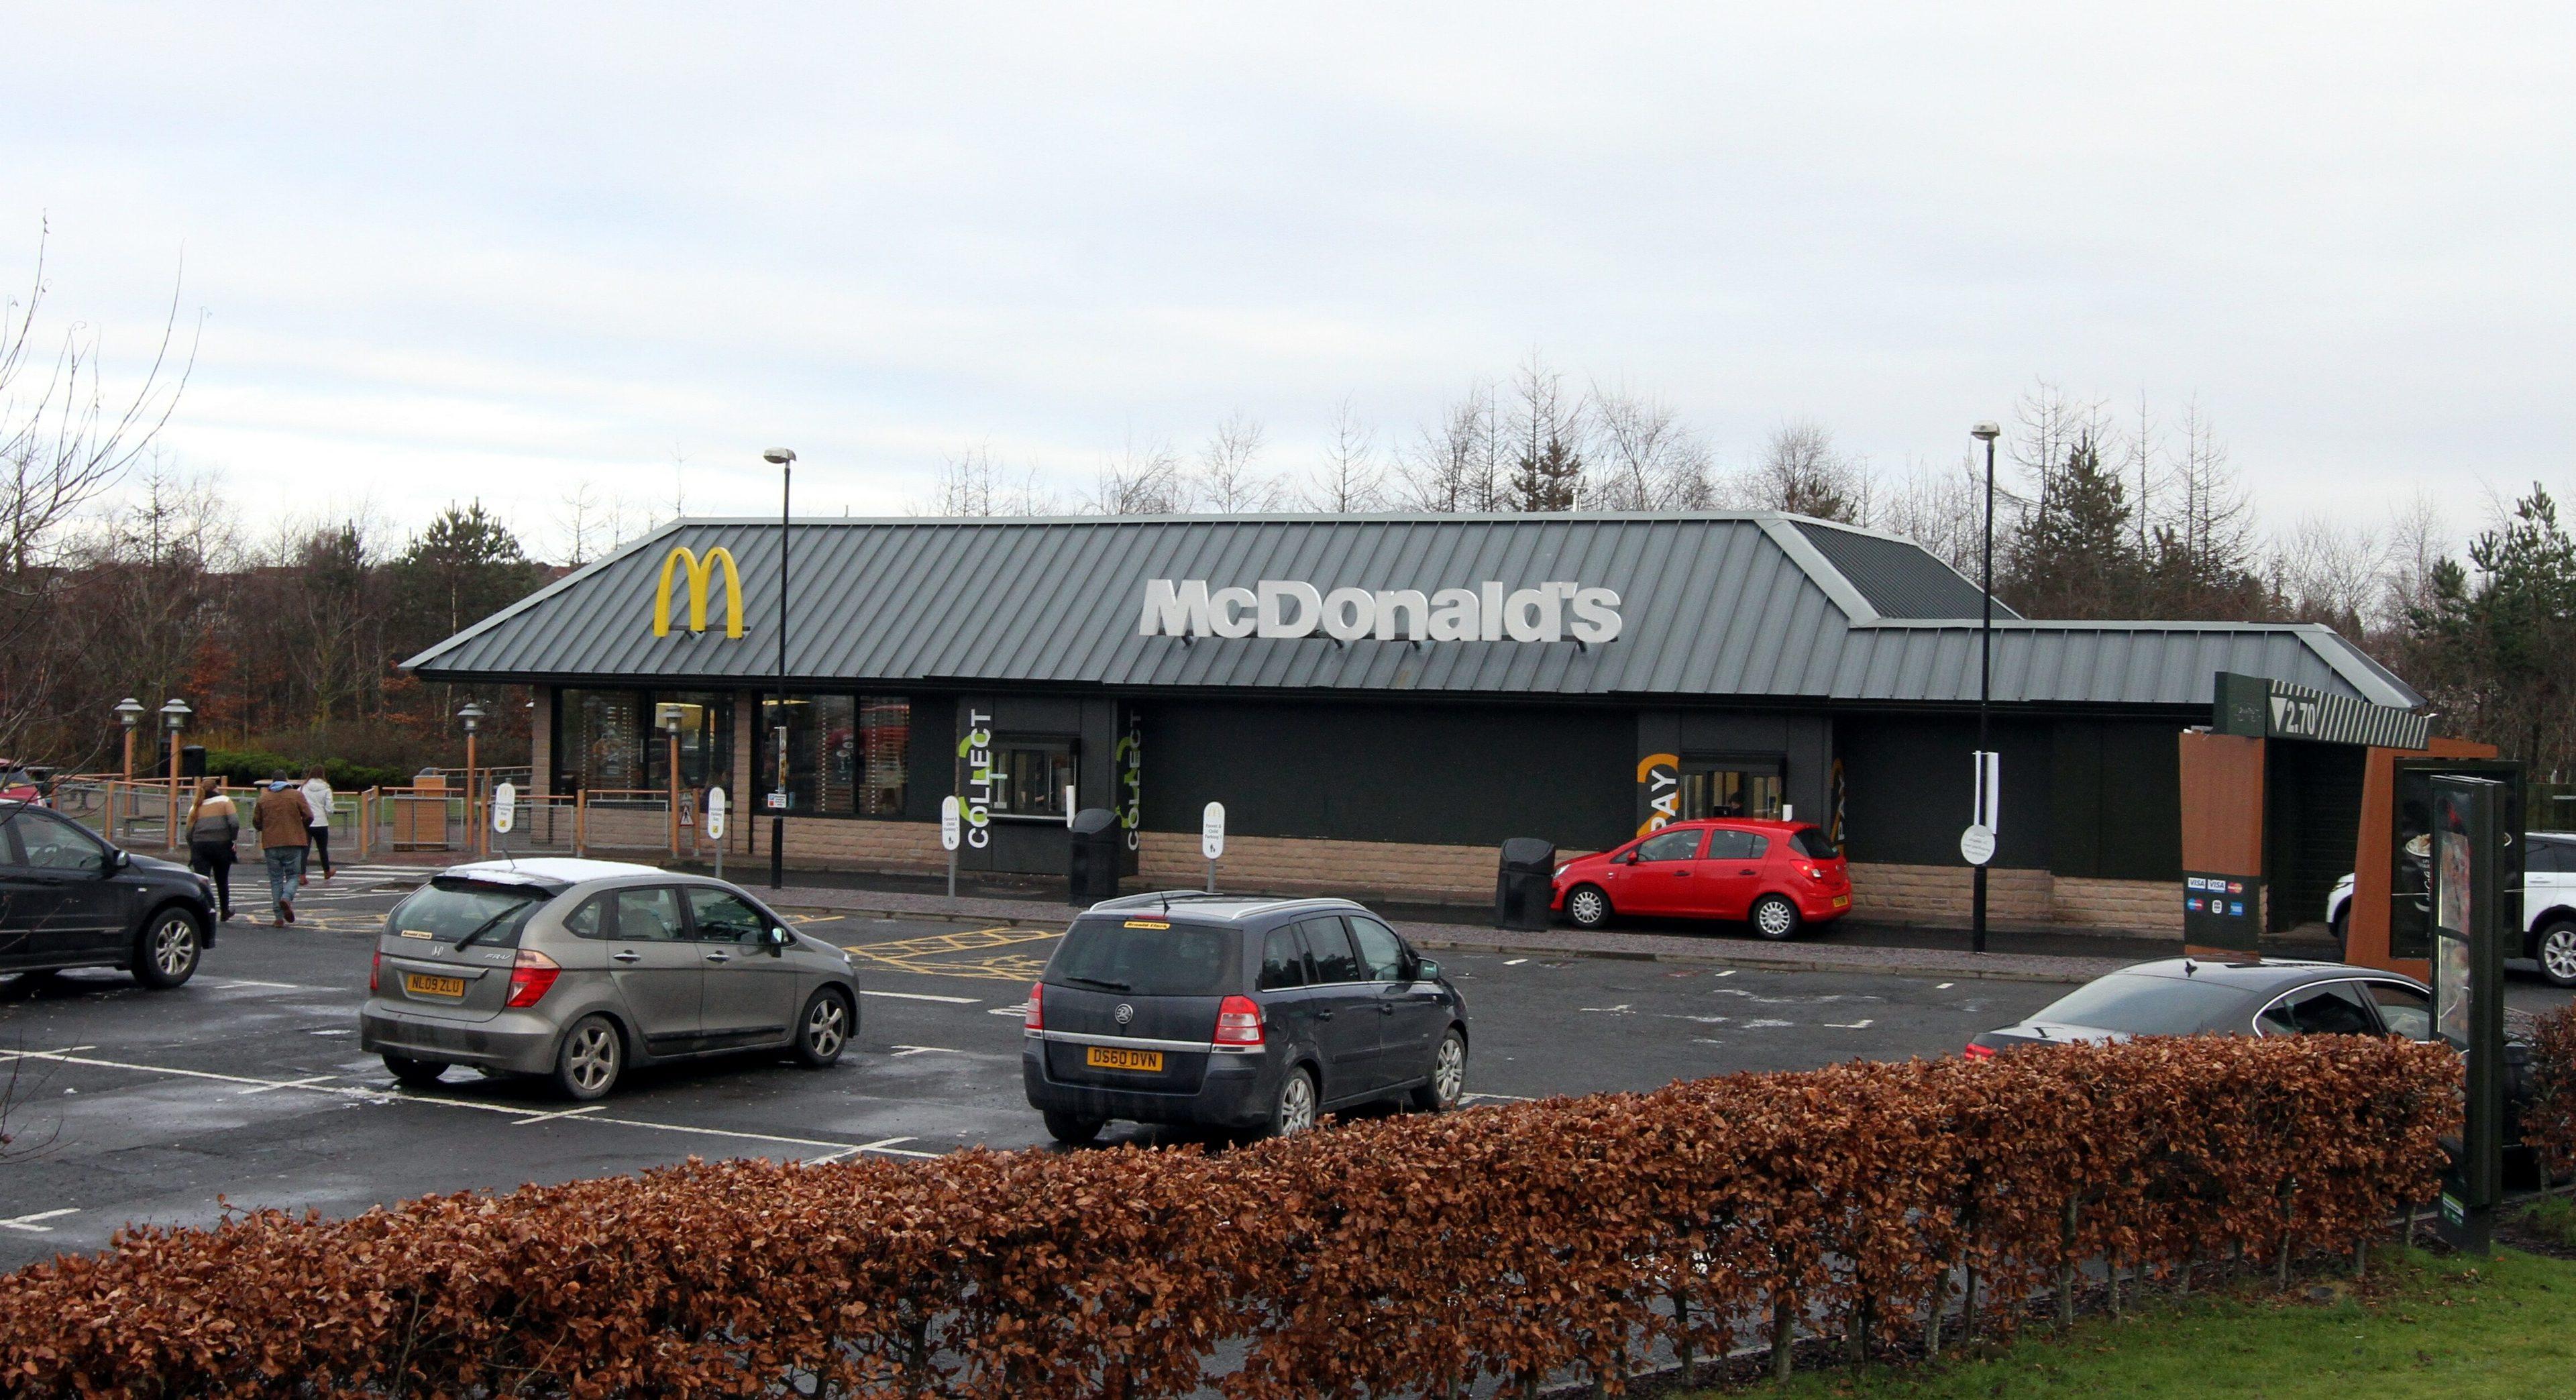 McDonalds at Broxden, Perth.